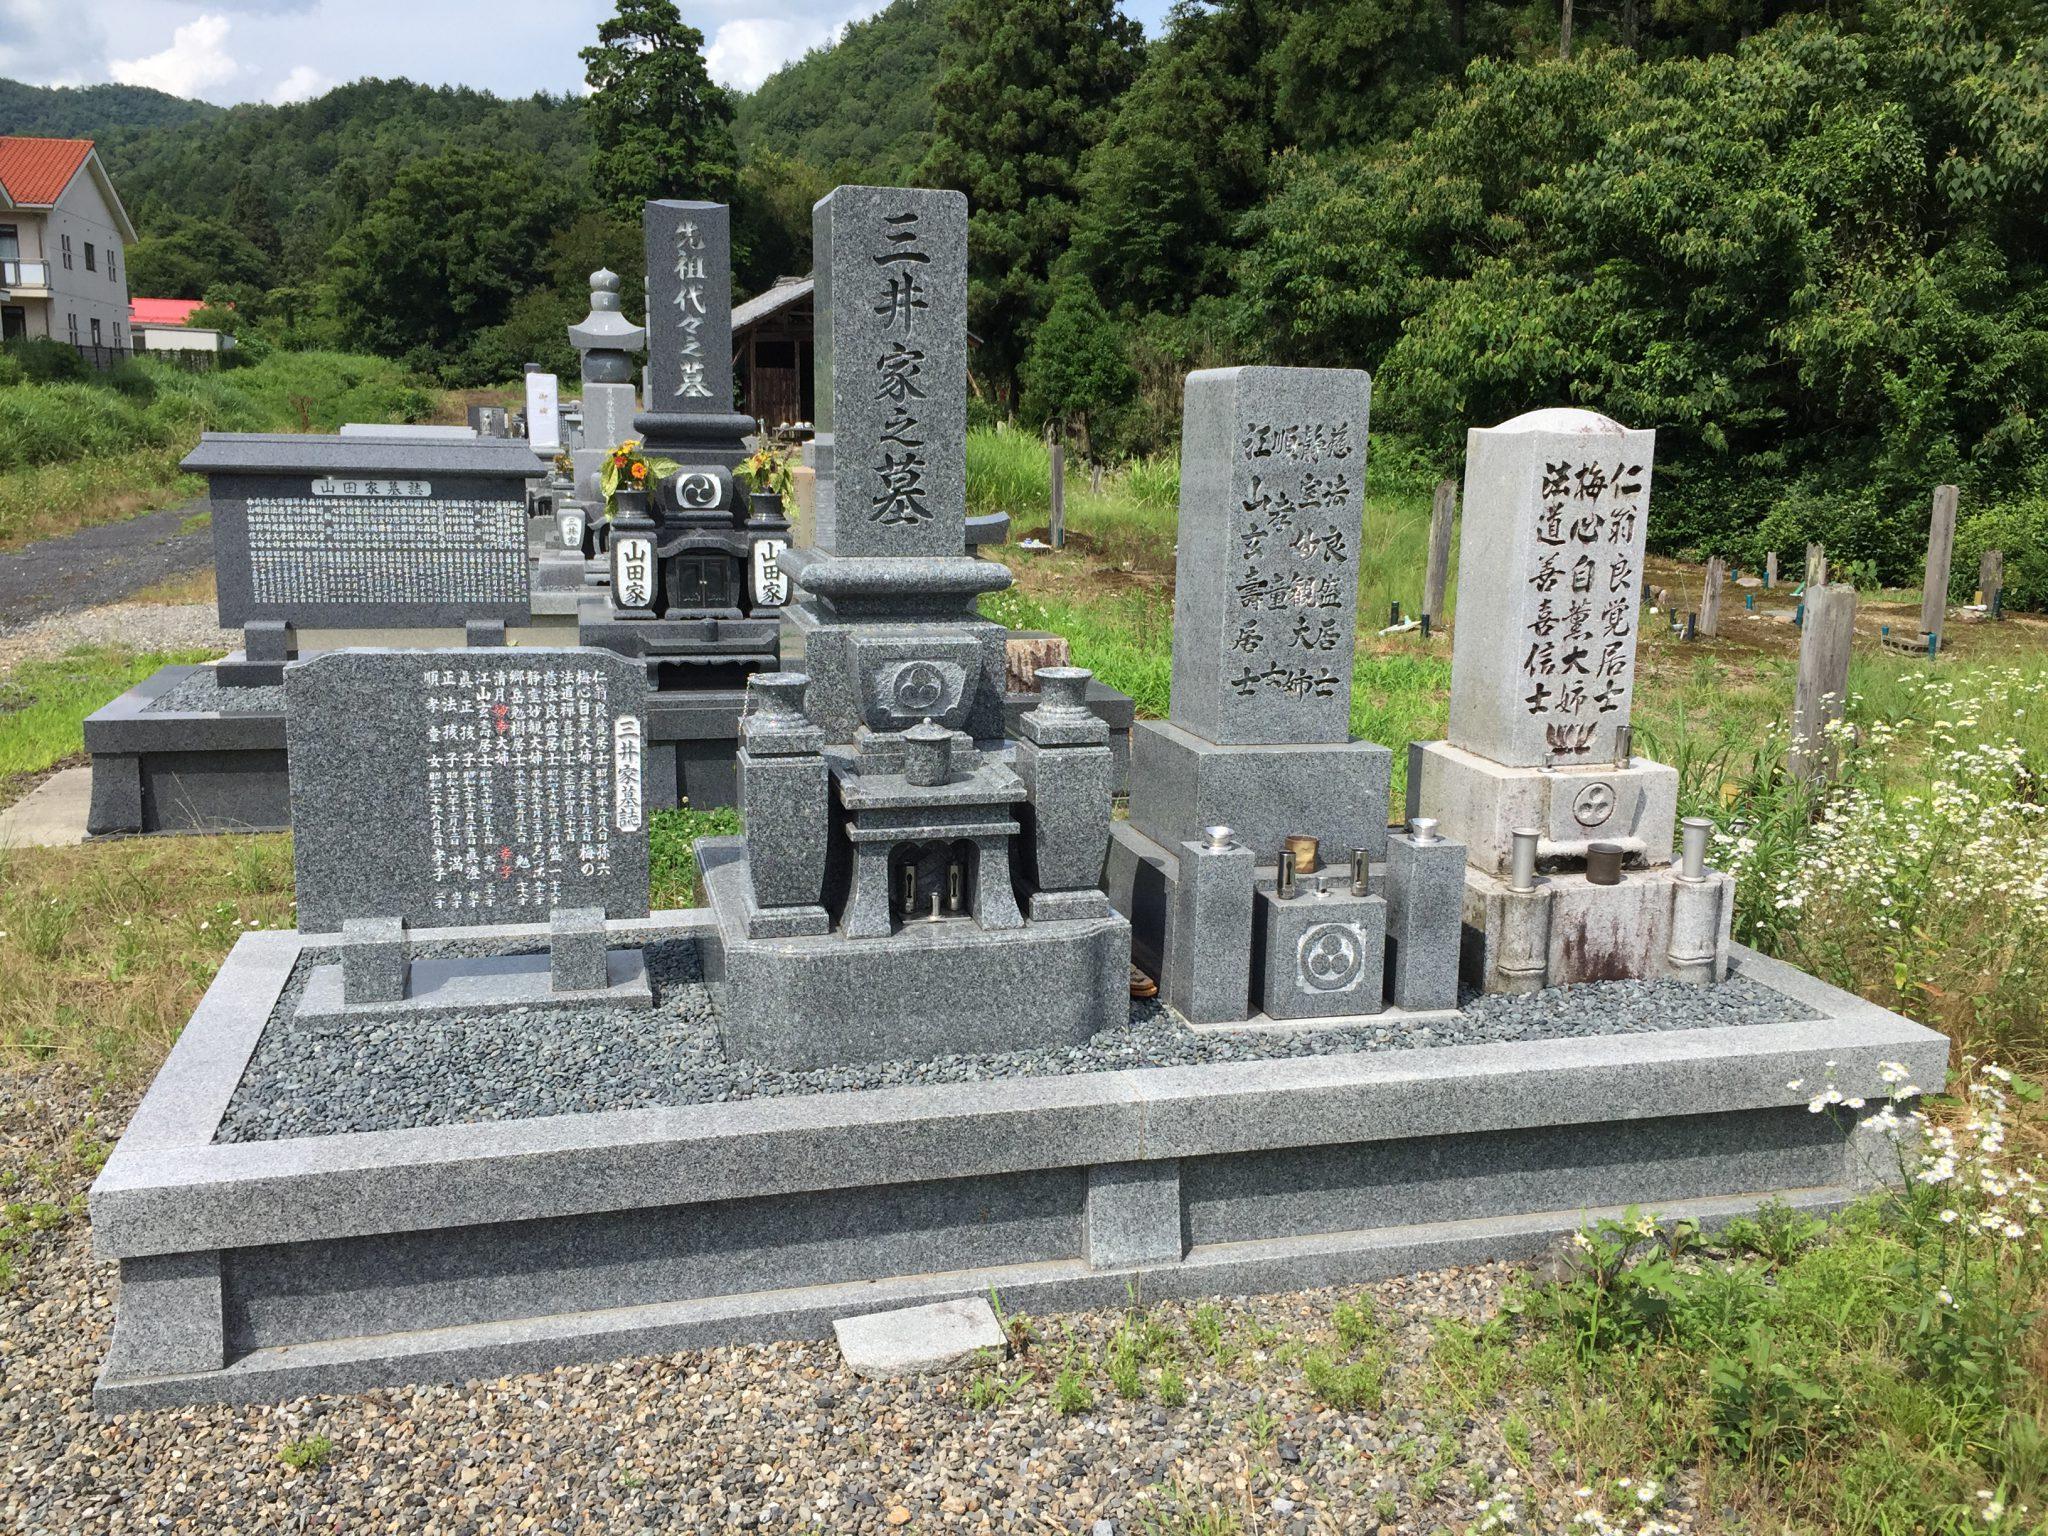 ウルグアイ産 バイオレットブルー石 9寸 神谷石材オリジナル墓石